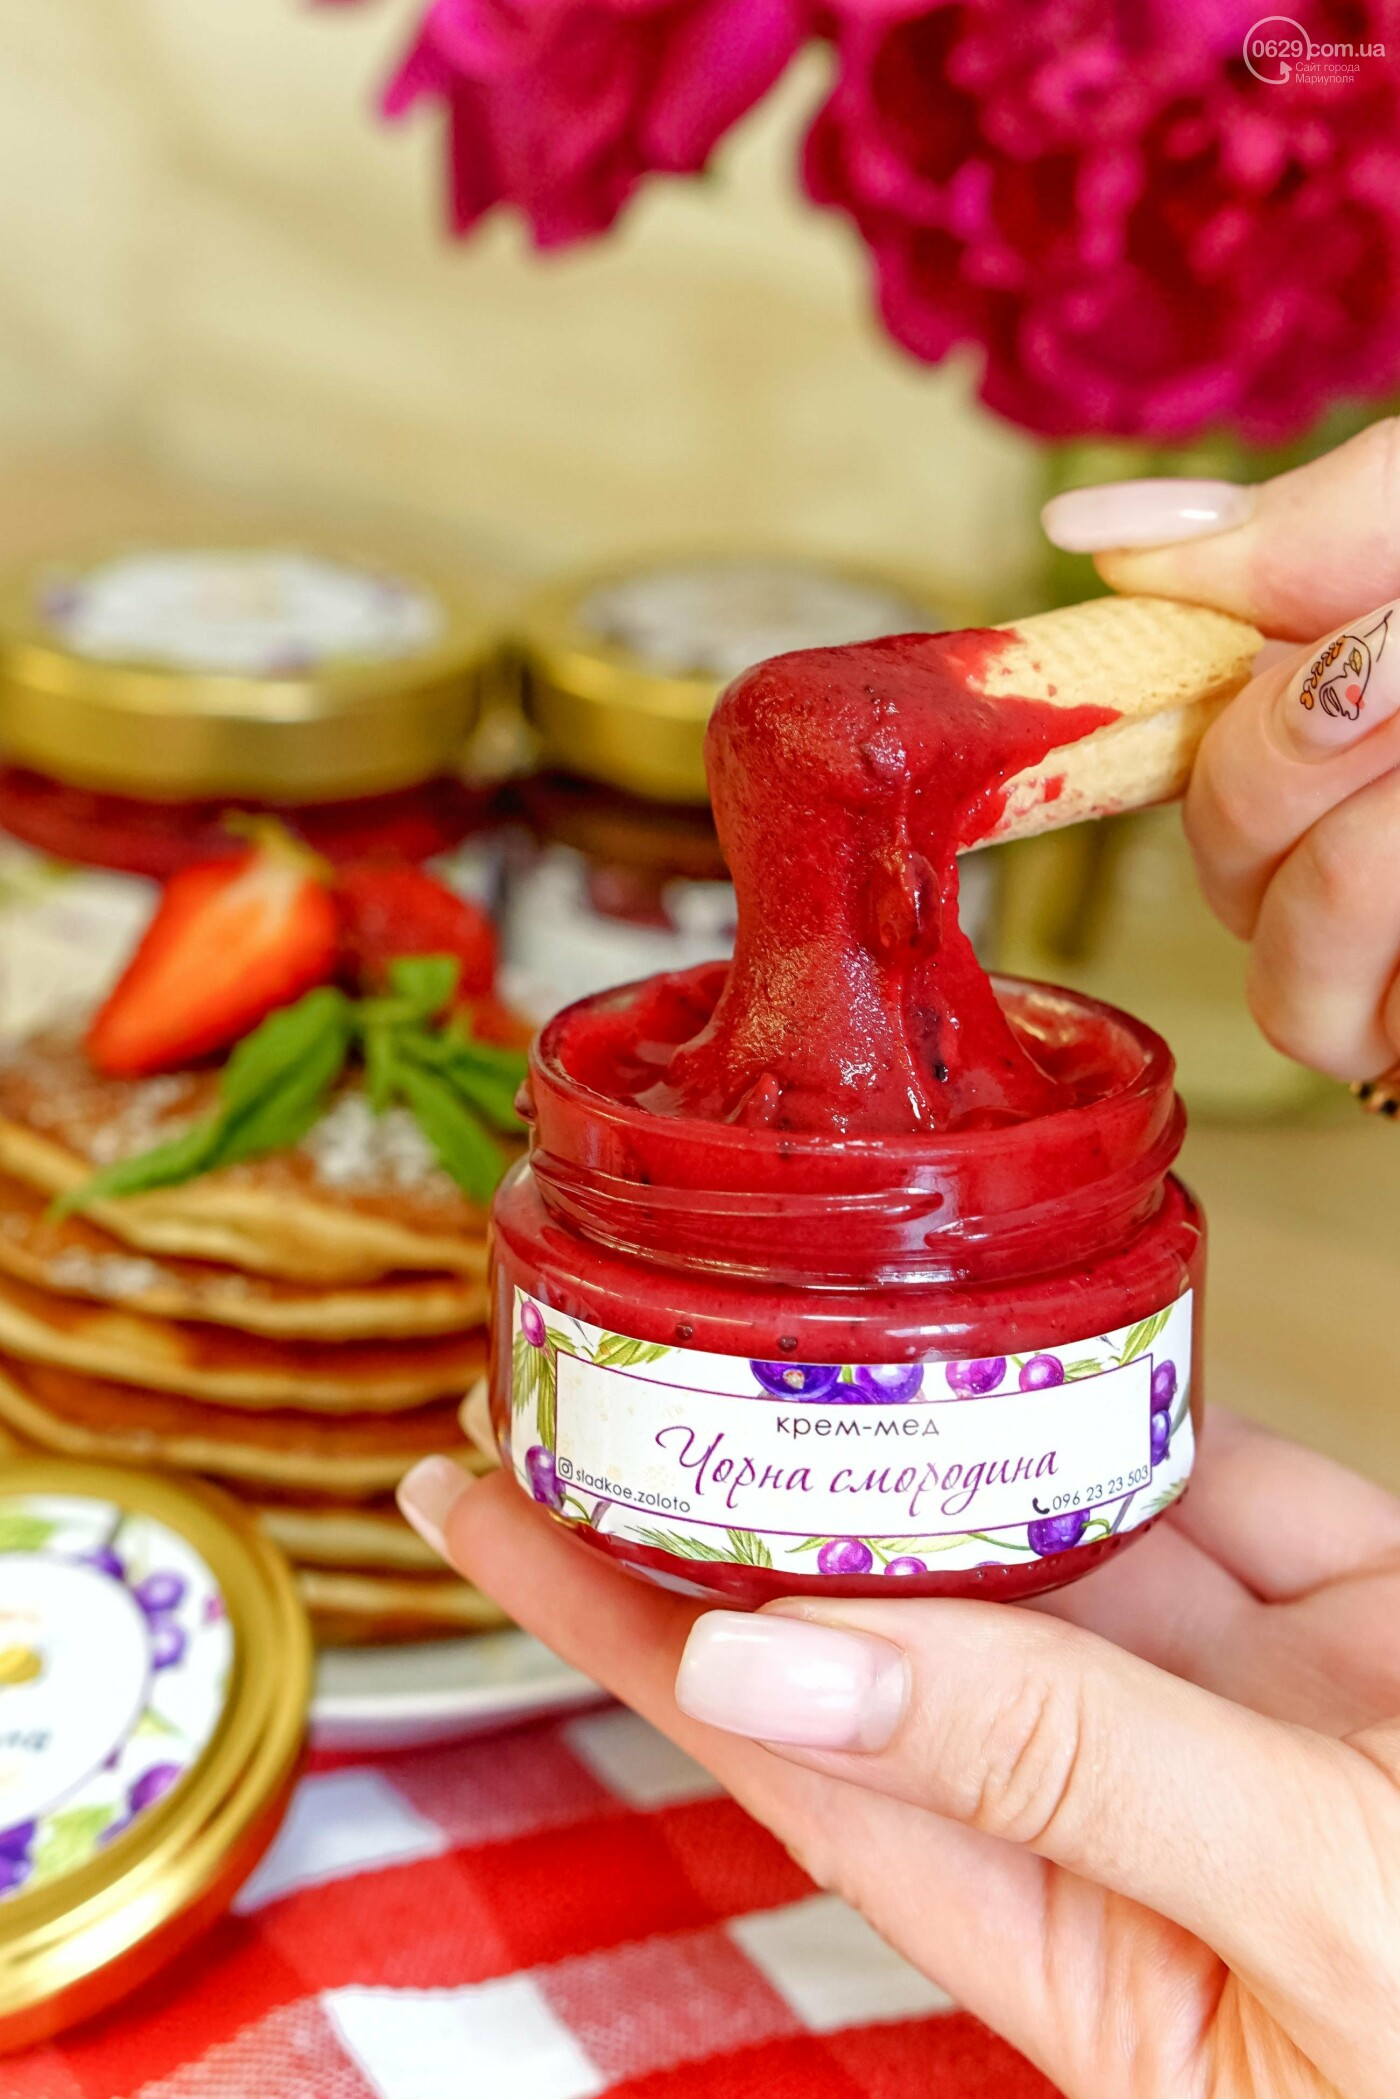 Мариупольцы разобрали майский мед за 4 дня., фото-3